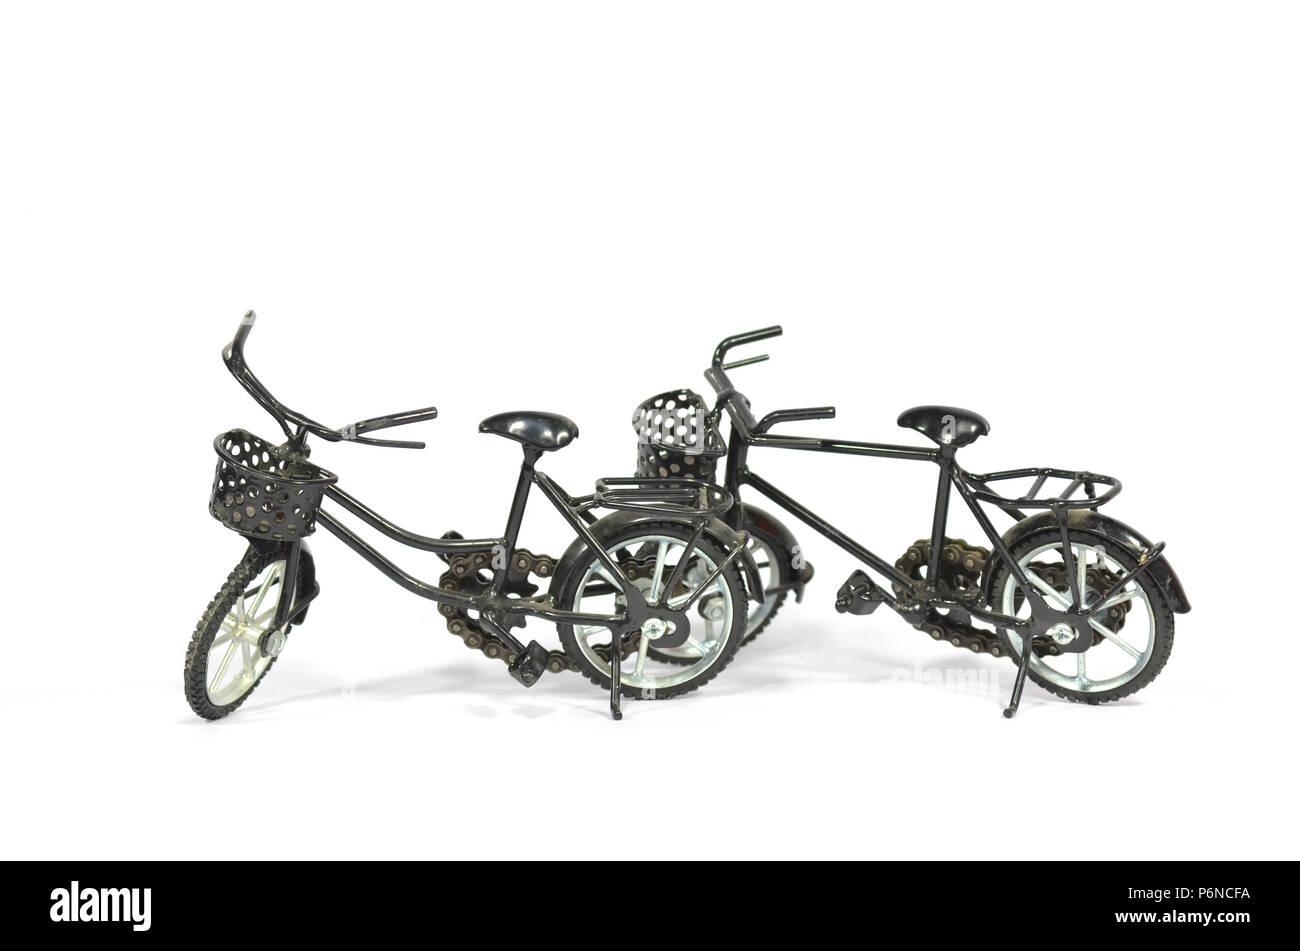 2 black cruiser bicycle, isolated on white. - Stock Image